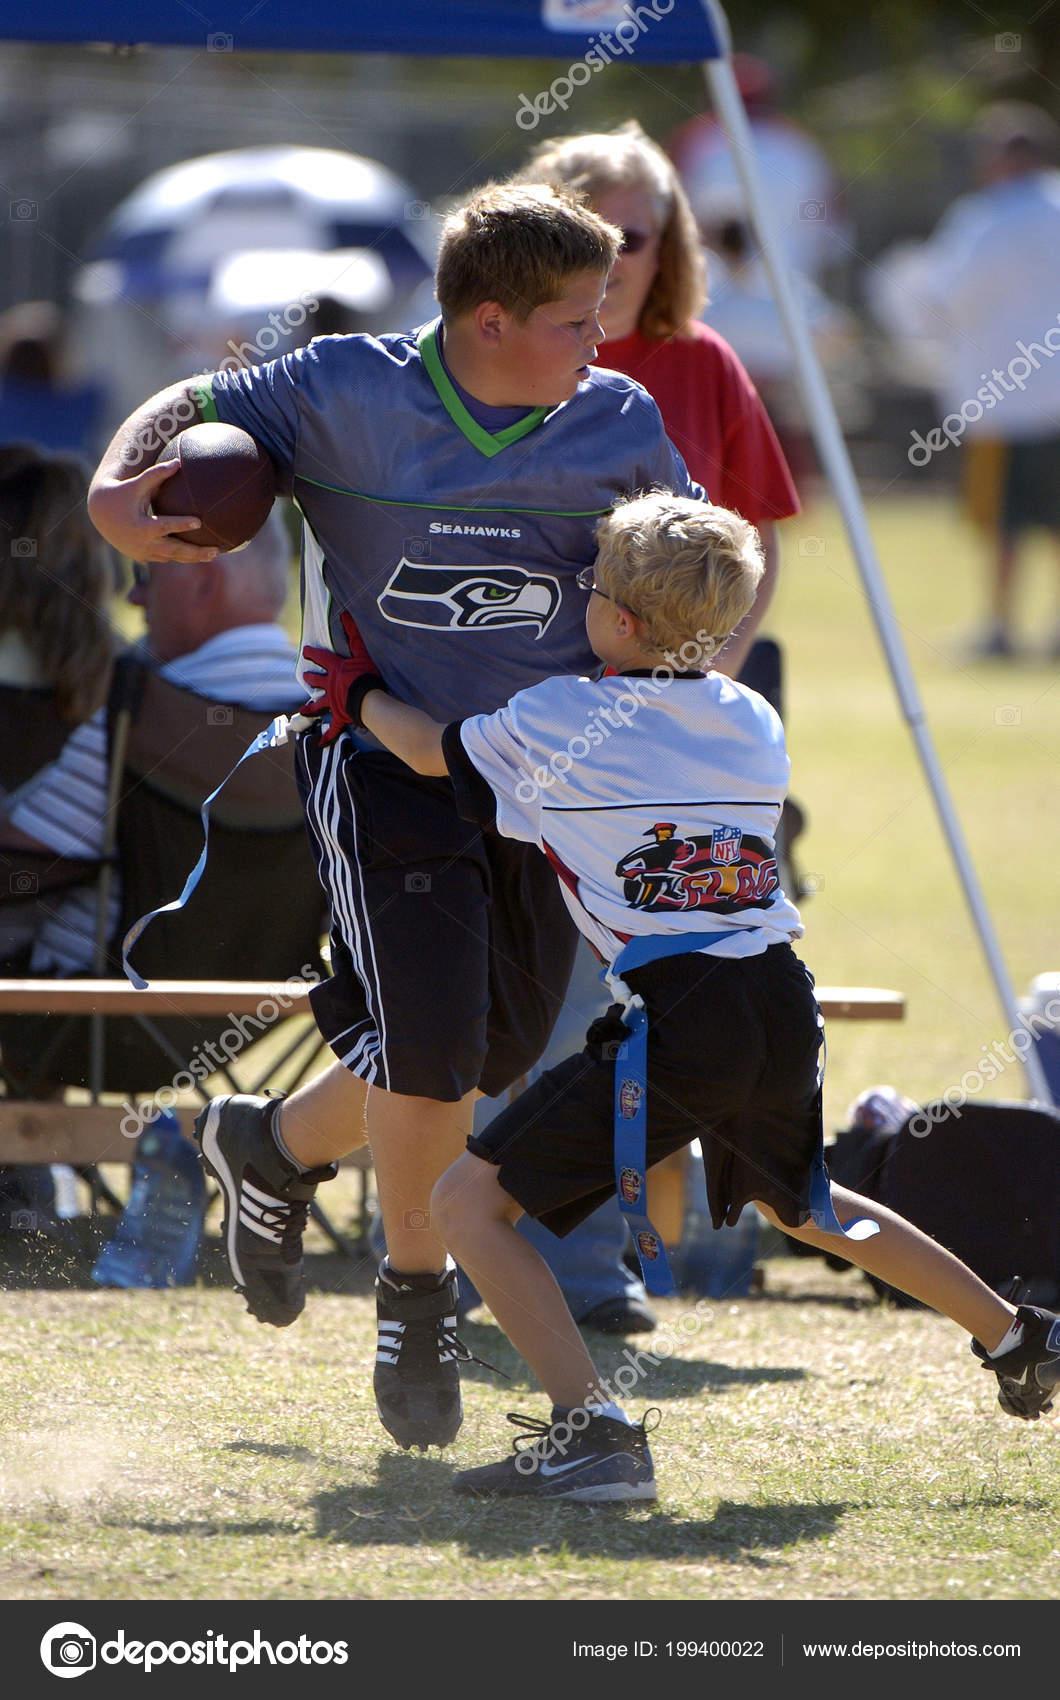 0eed48cf7e Bandeira de jogo de futebol ser jogado por crianças jogo ação e se  divertindo. Futebol é uma versão do futebol americano